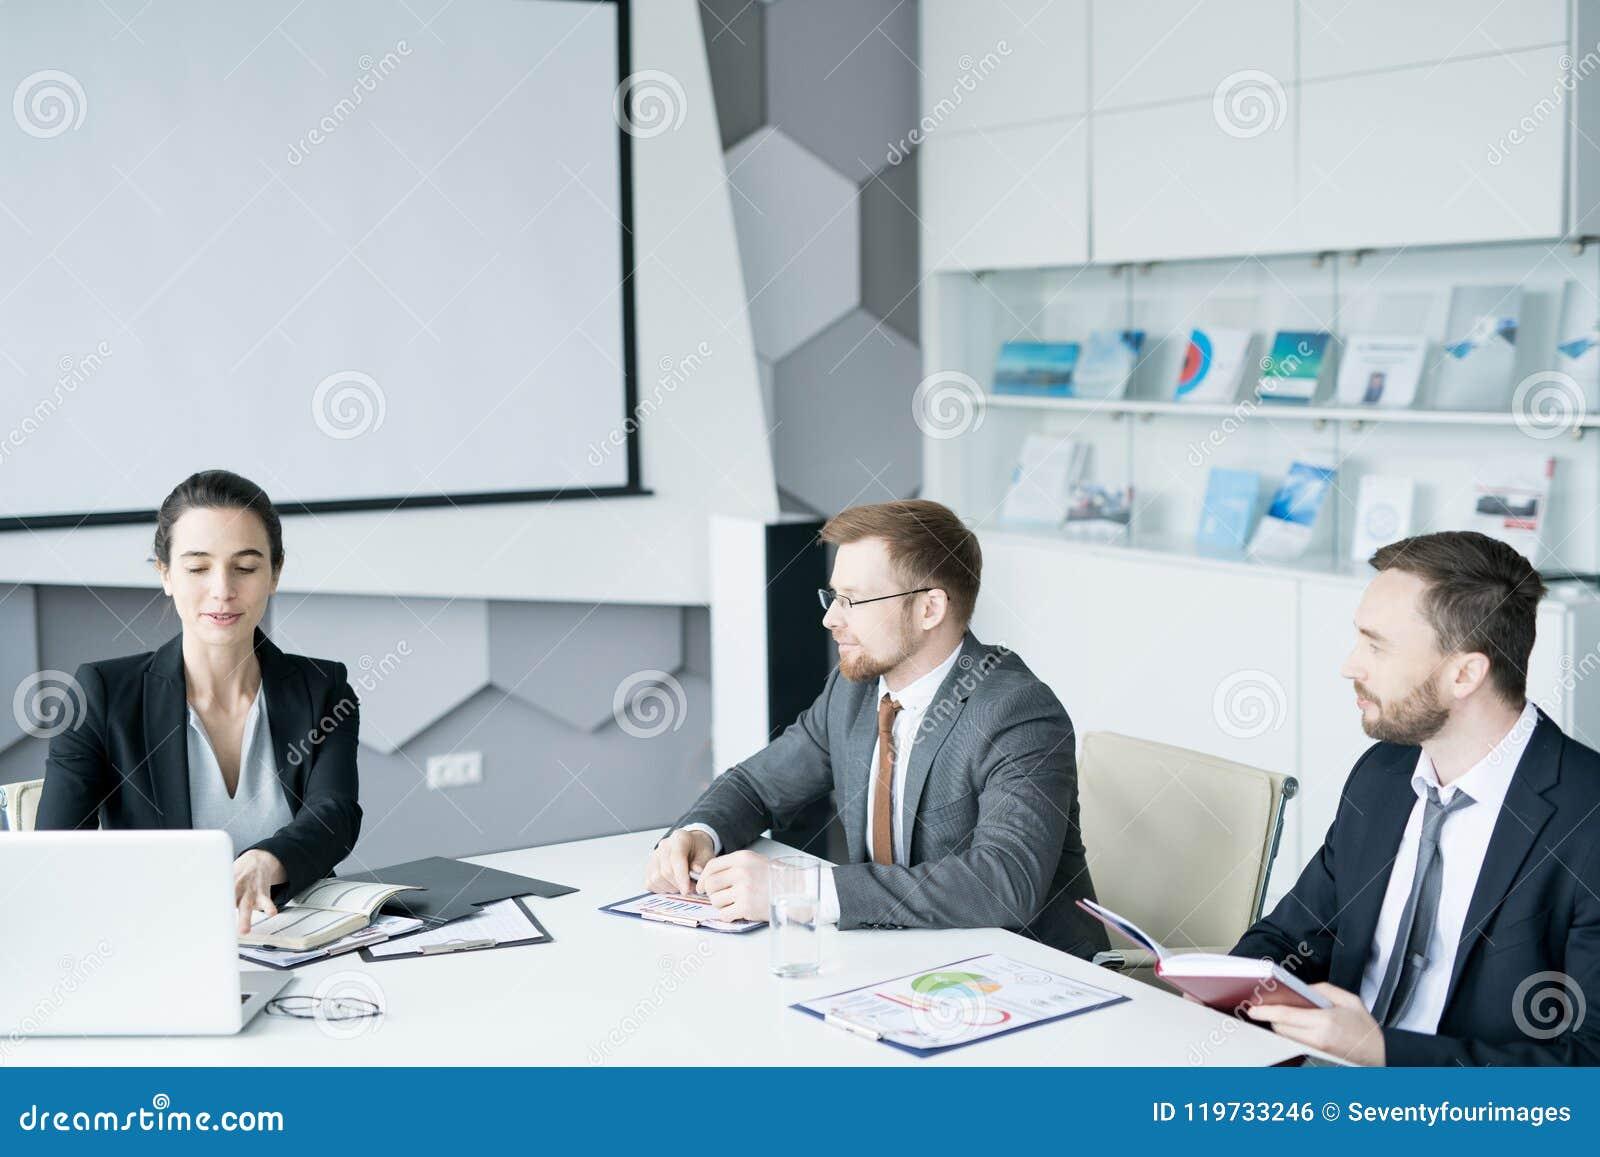 Gruppe Geschäftsleute, die im Konferenzsaal sich treffen